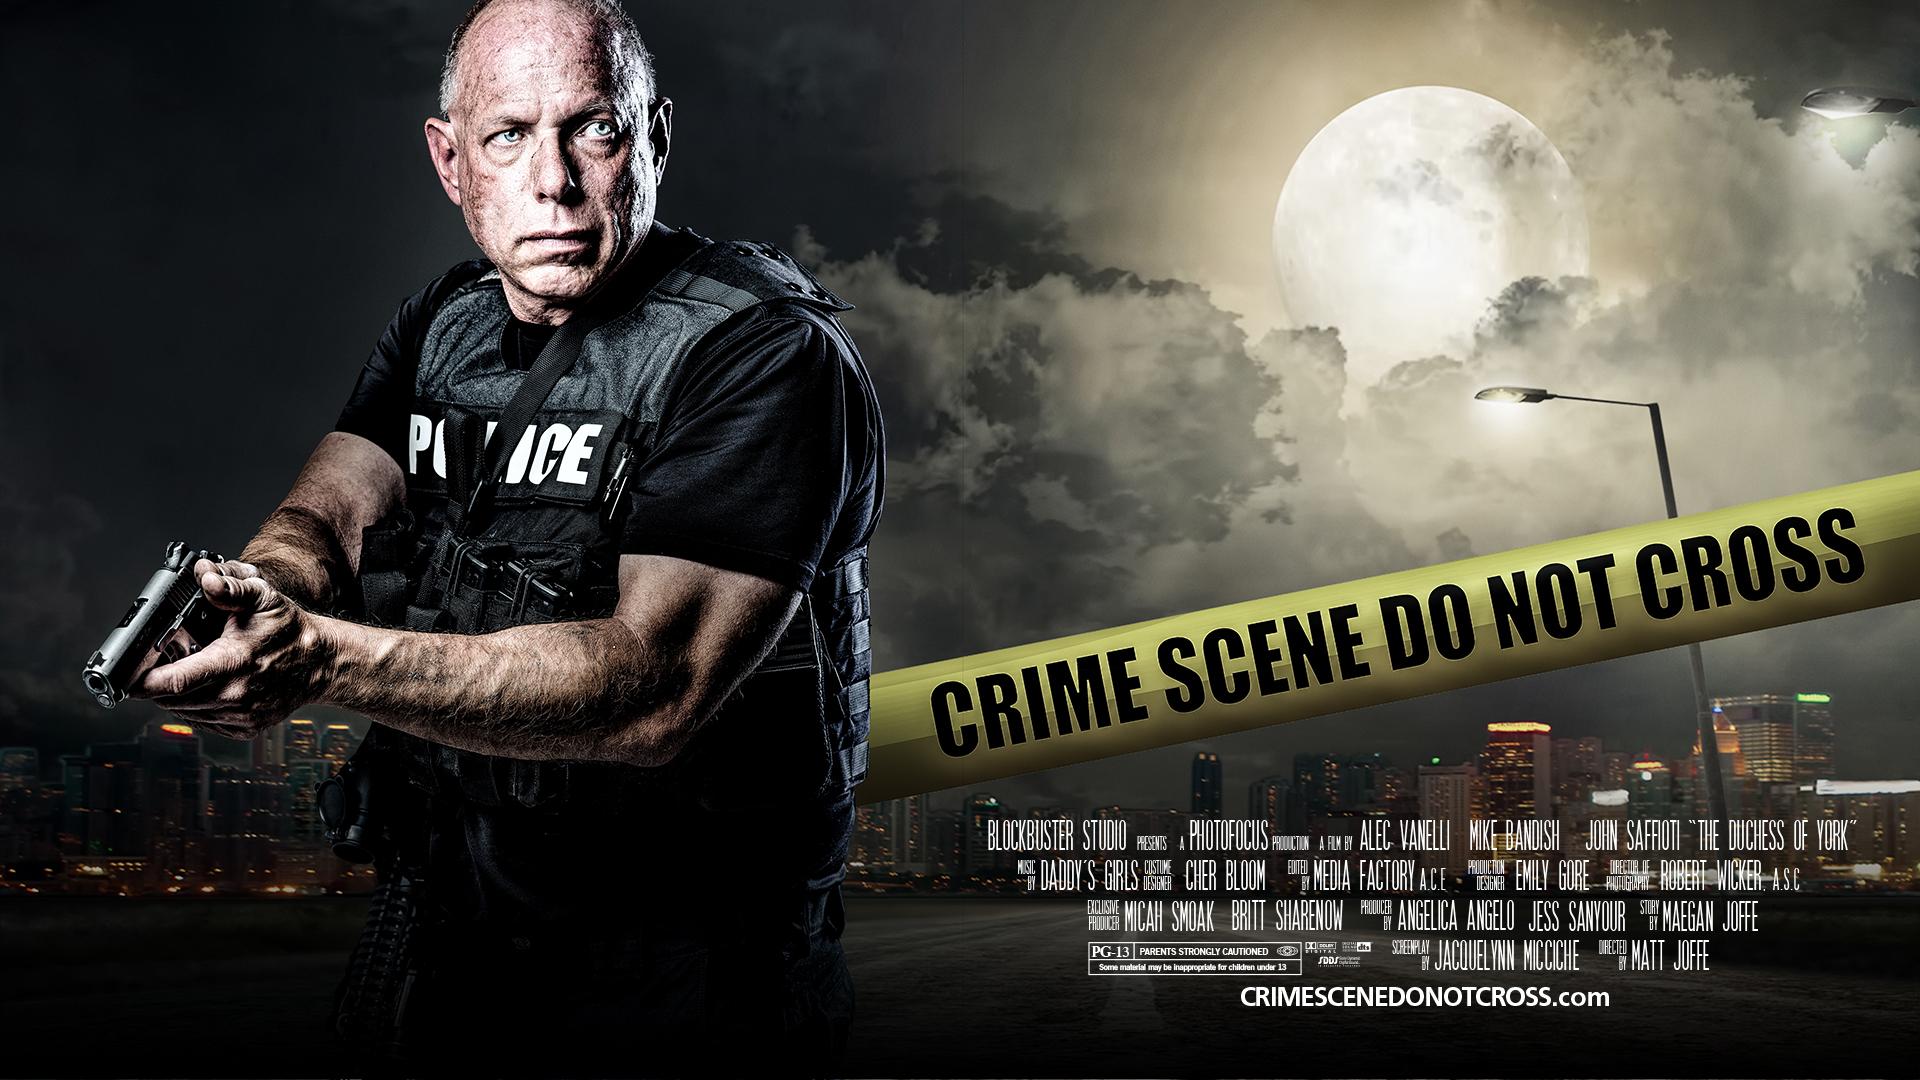 Crime Scene do not cross movie poster